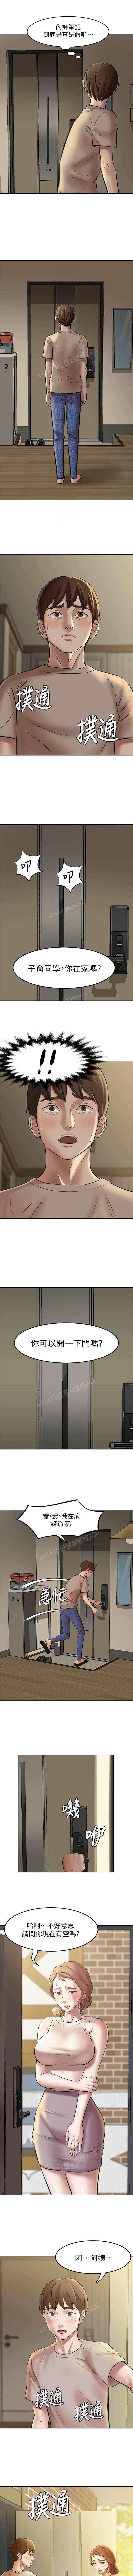 panty note 小褲褲筆記 小裤裤笔记 01-35 连载中 中文 重新排序 Reorder 24